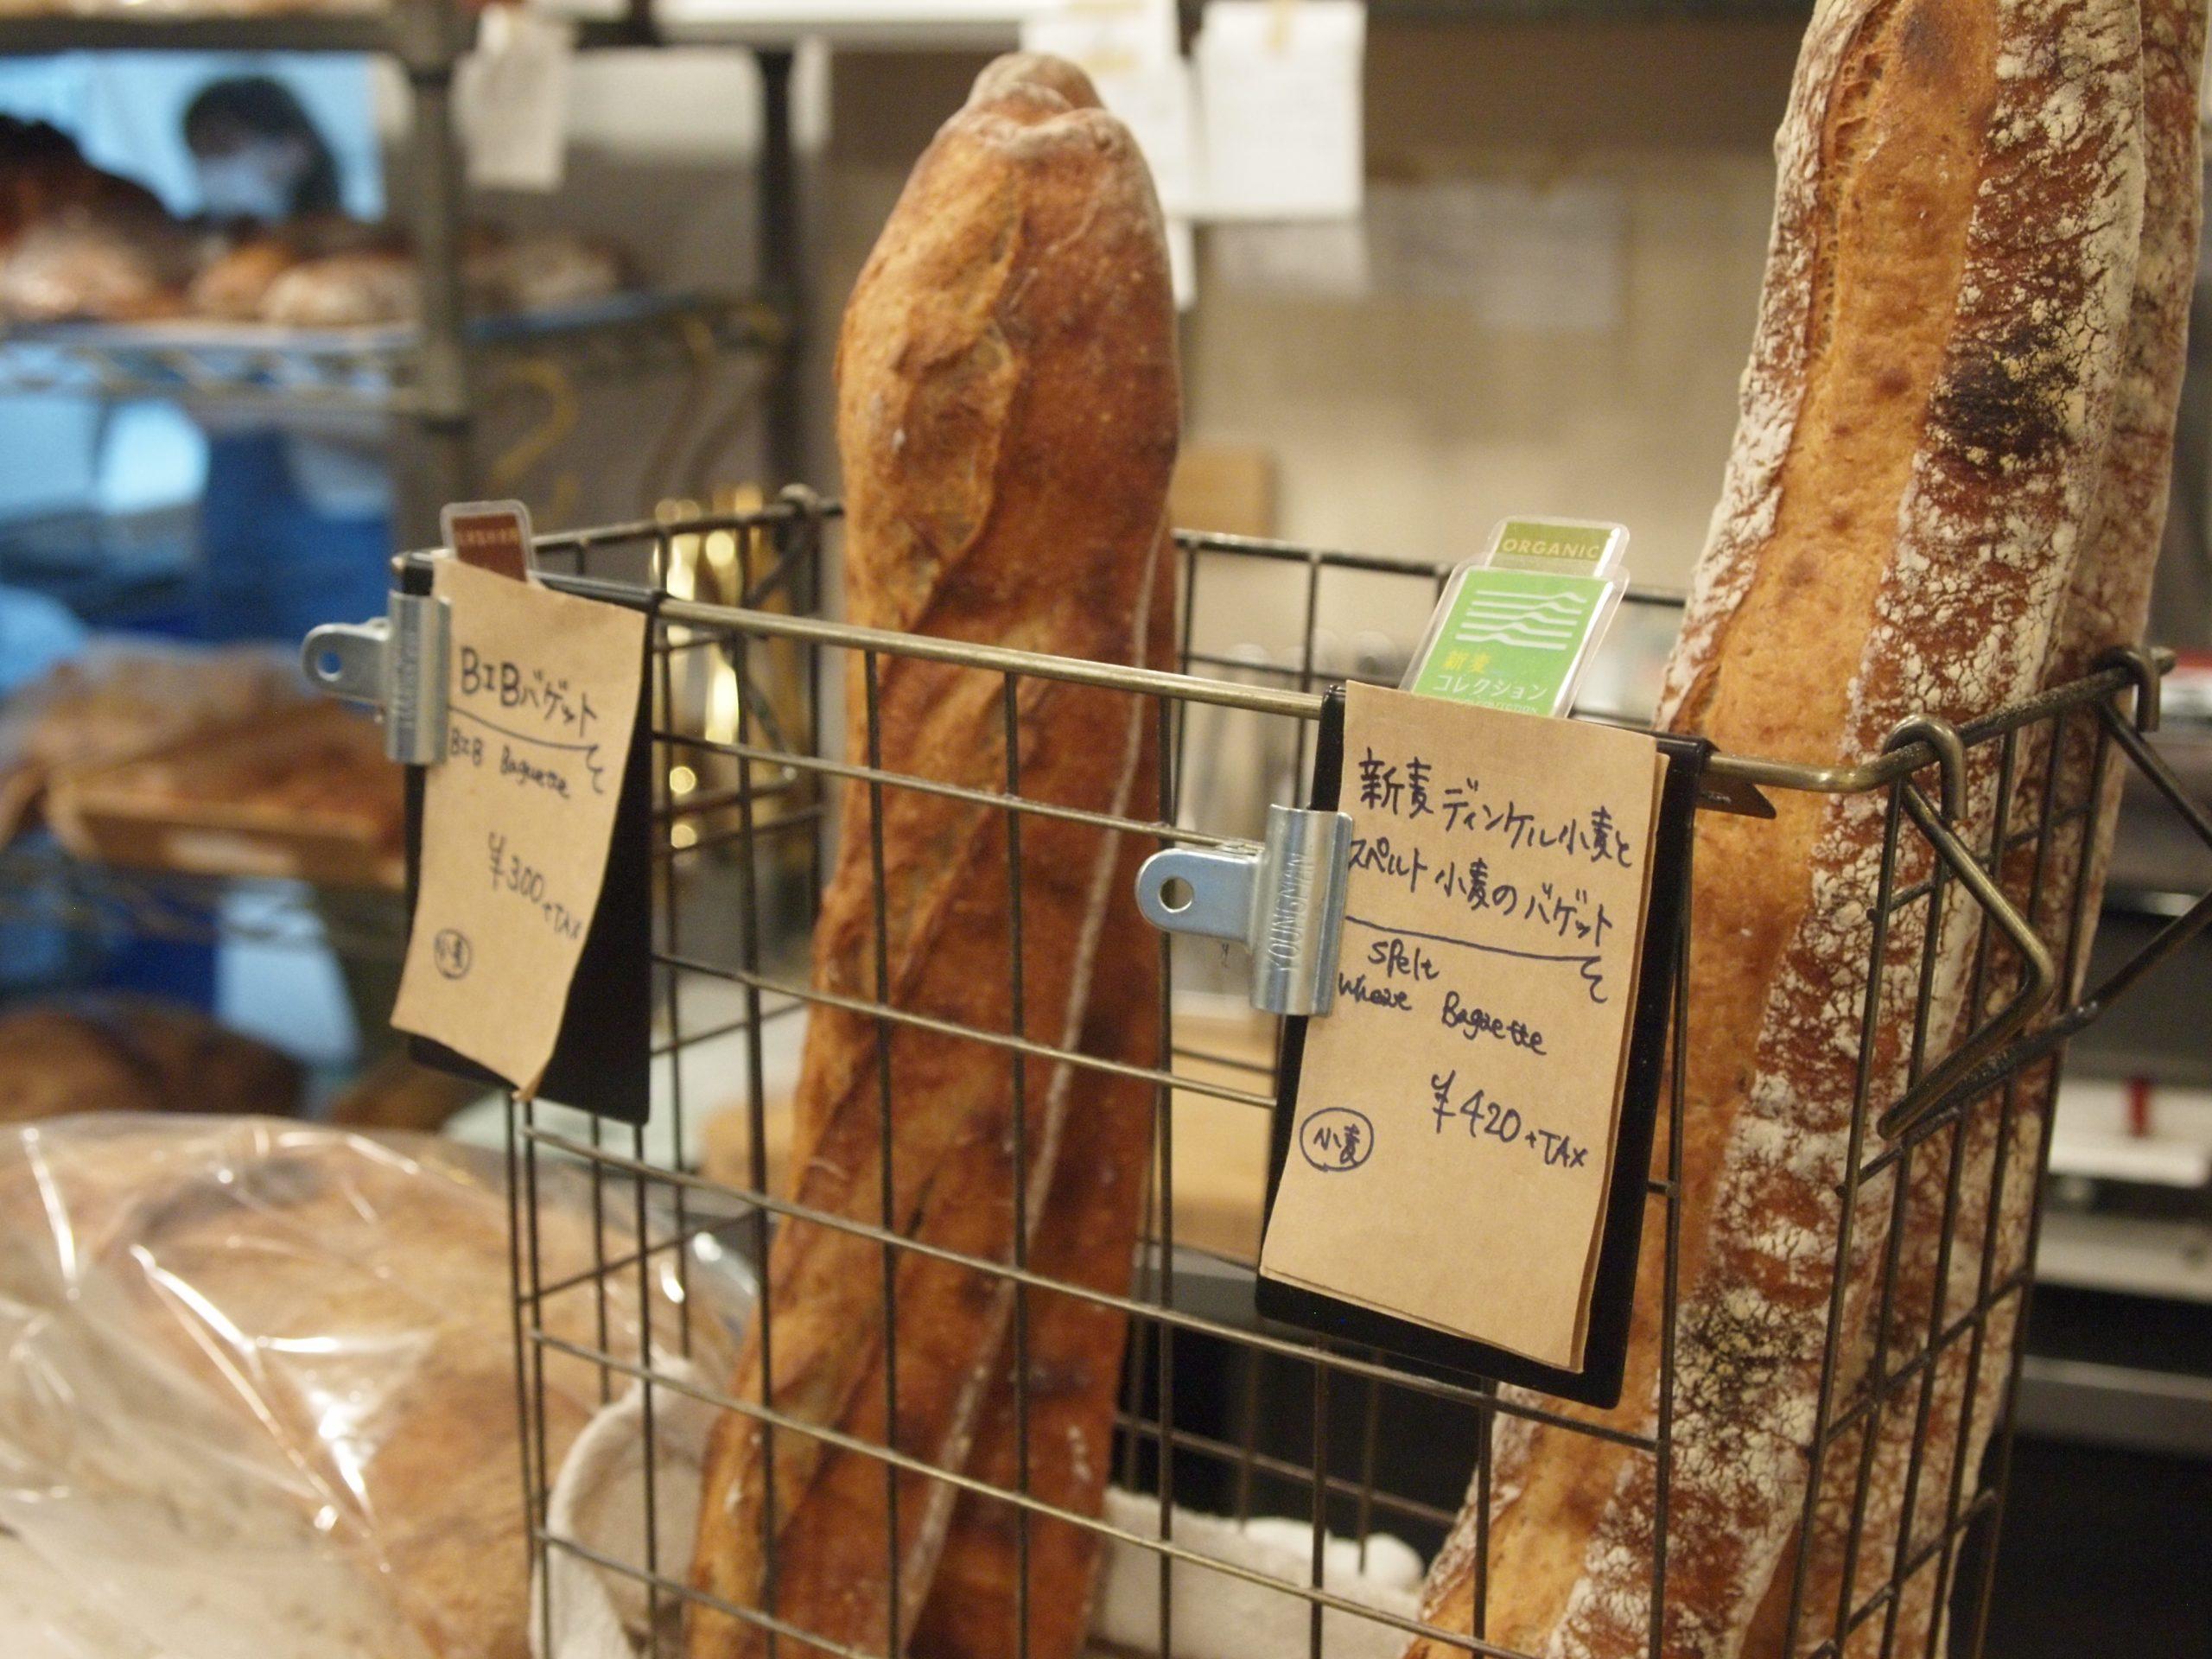 森田良太さん(「BREAD IT BE」店主/「ベーカリー&レストラン 沢村」、「THE CITY BAKERY」統括シェフ)